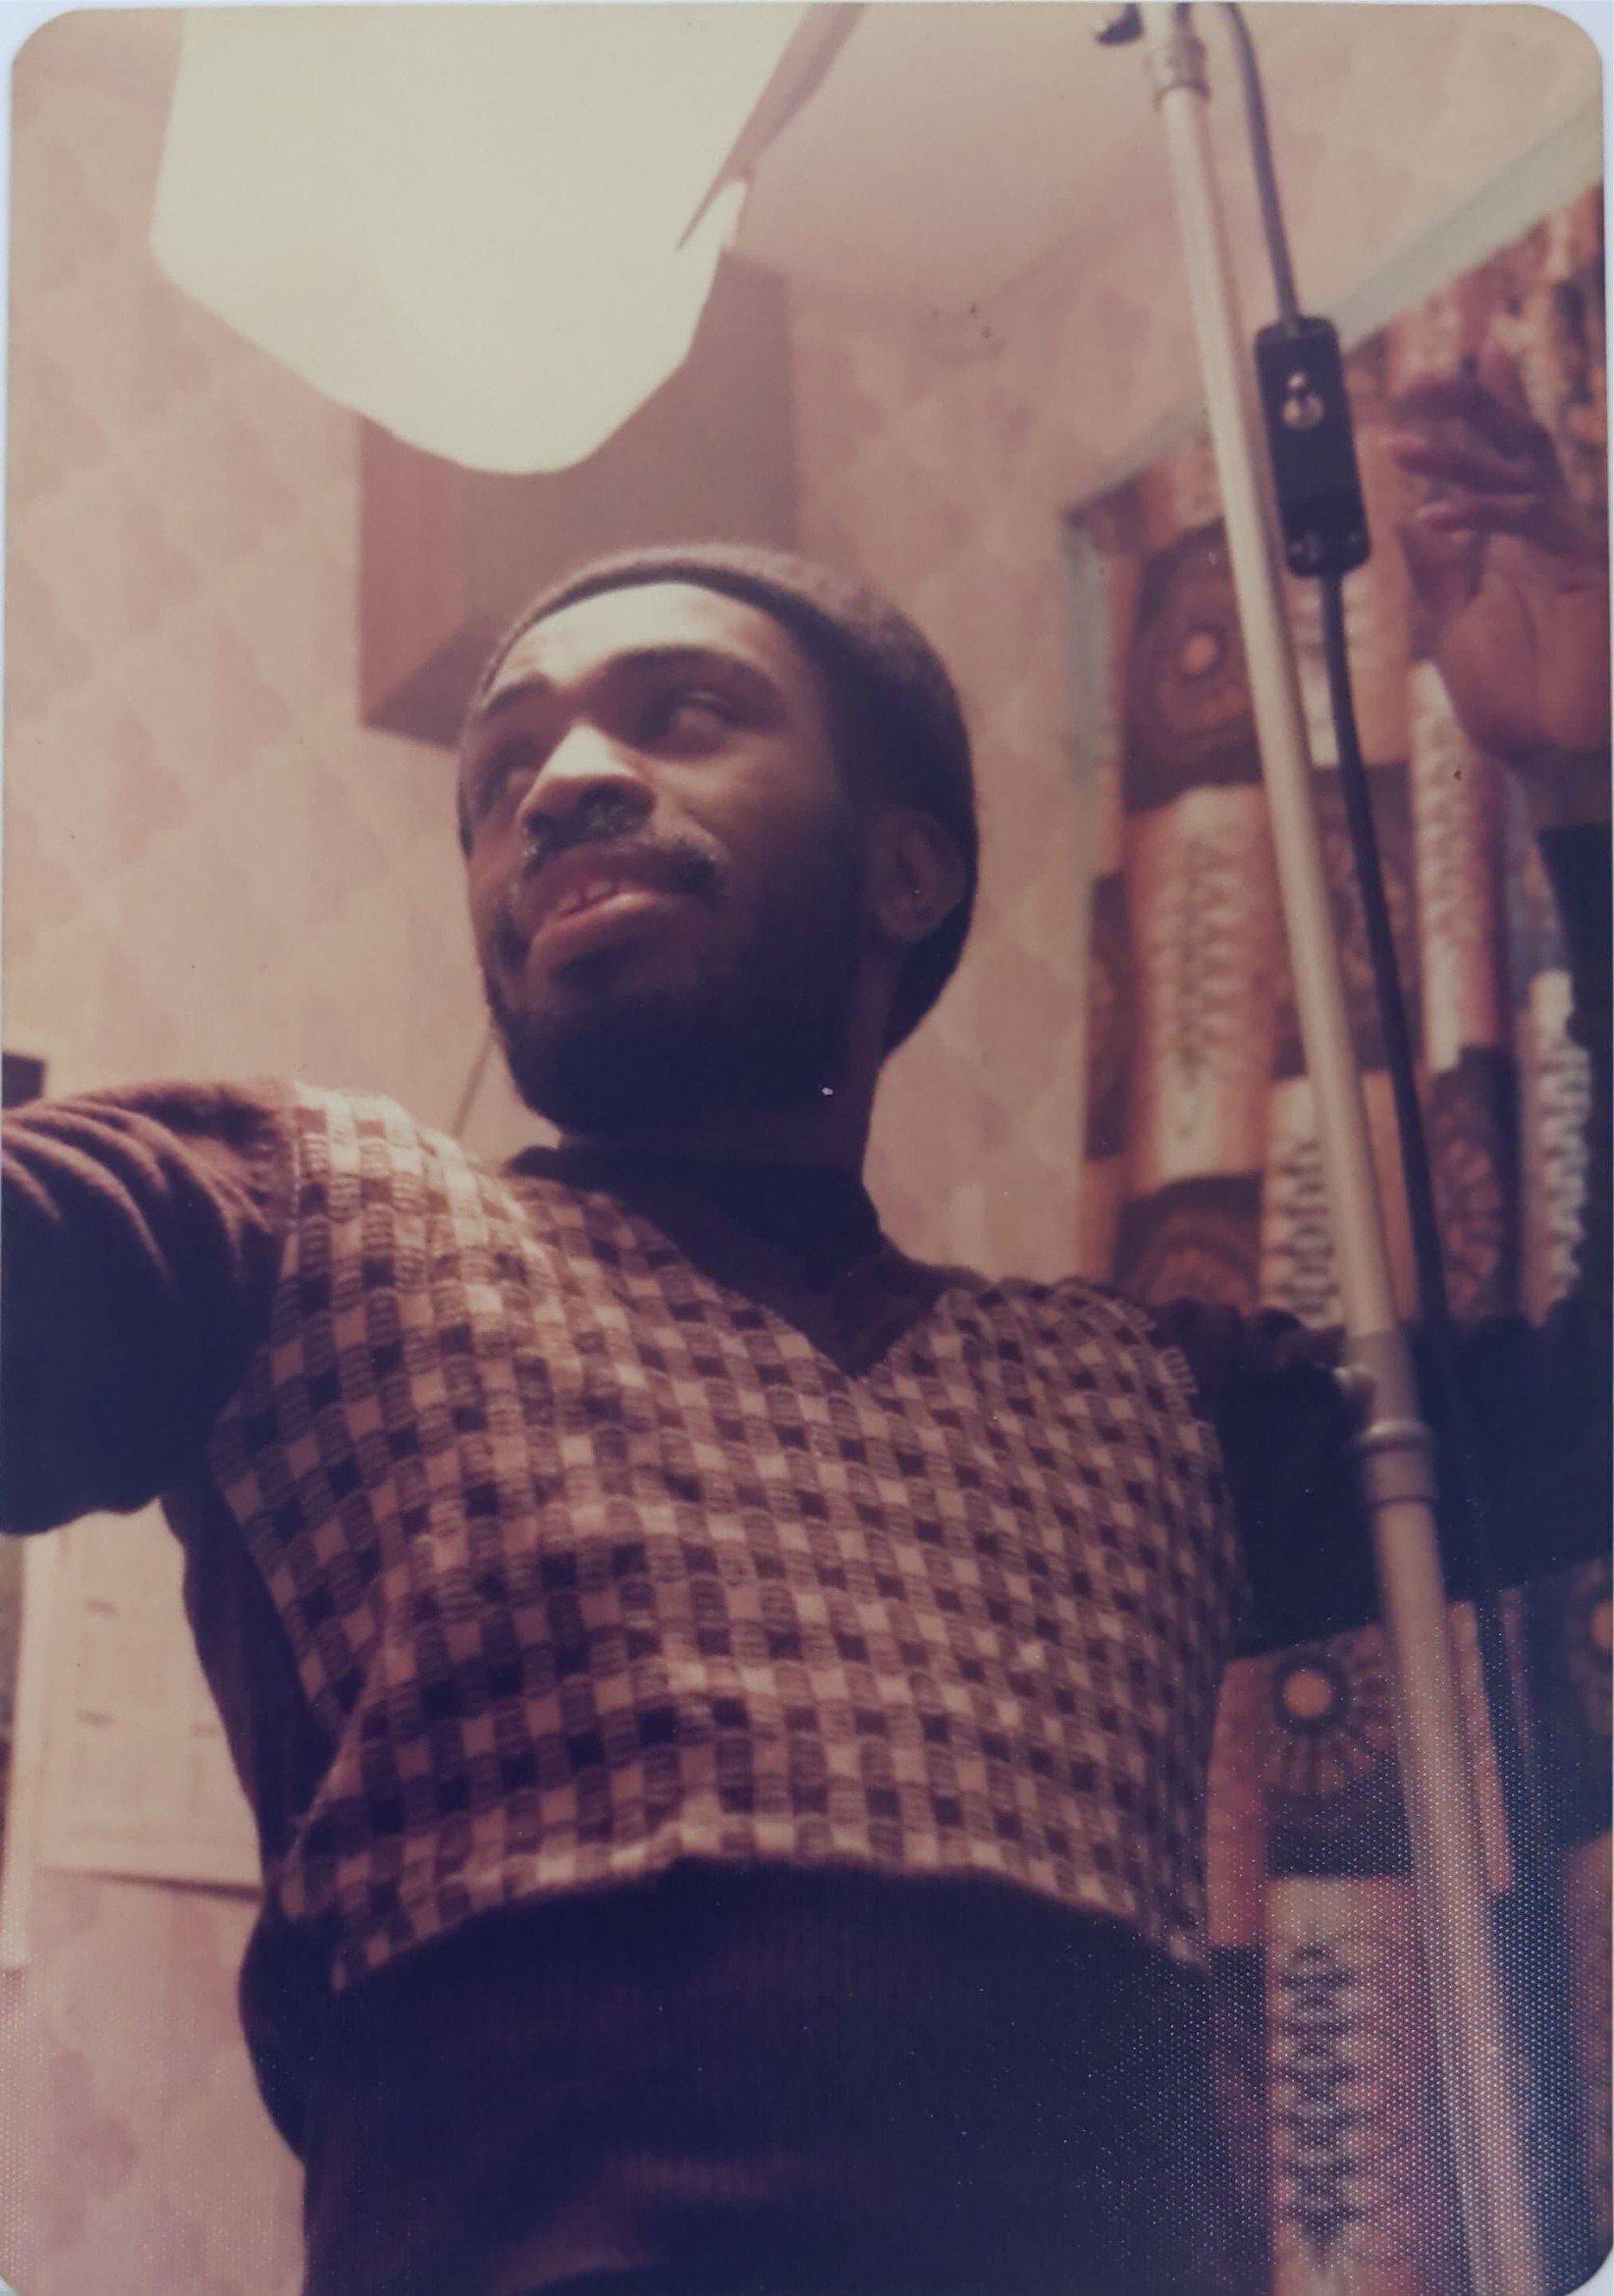 Menelik on set of Step Forward Youth